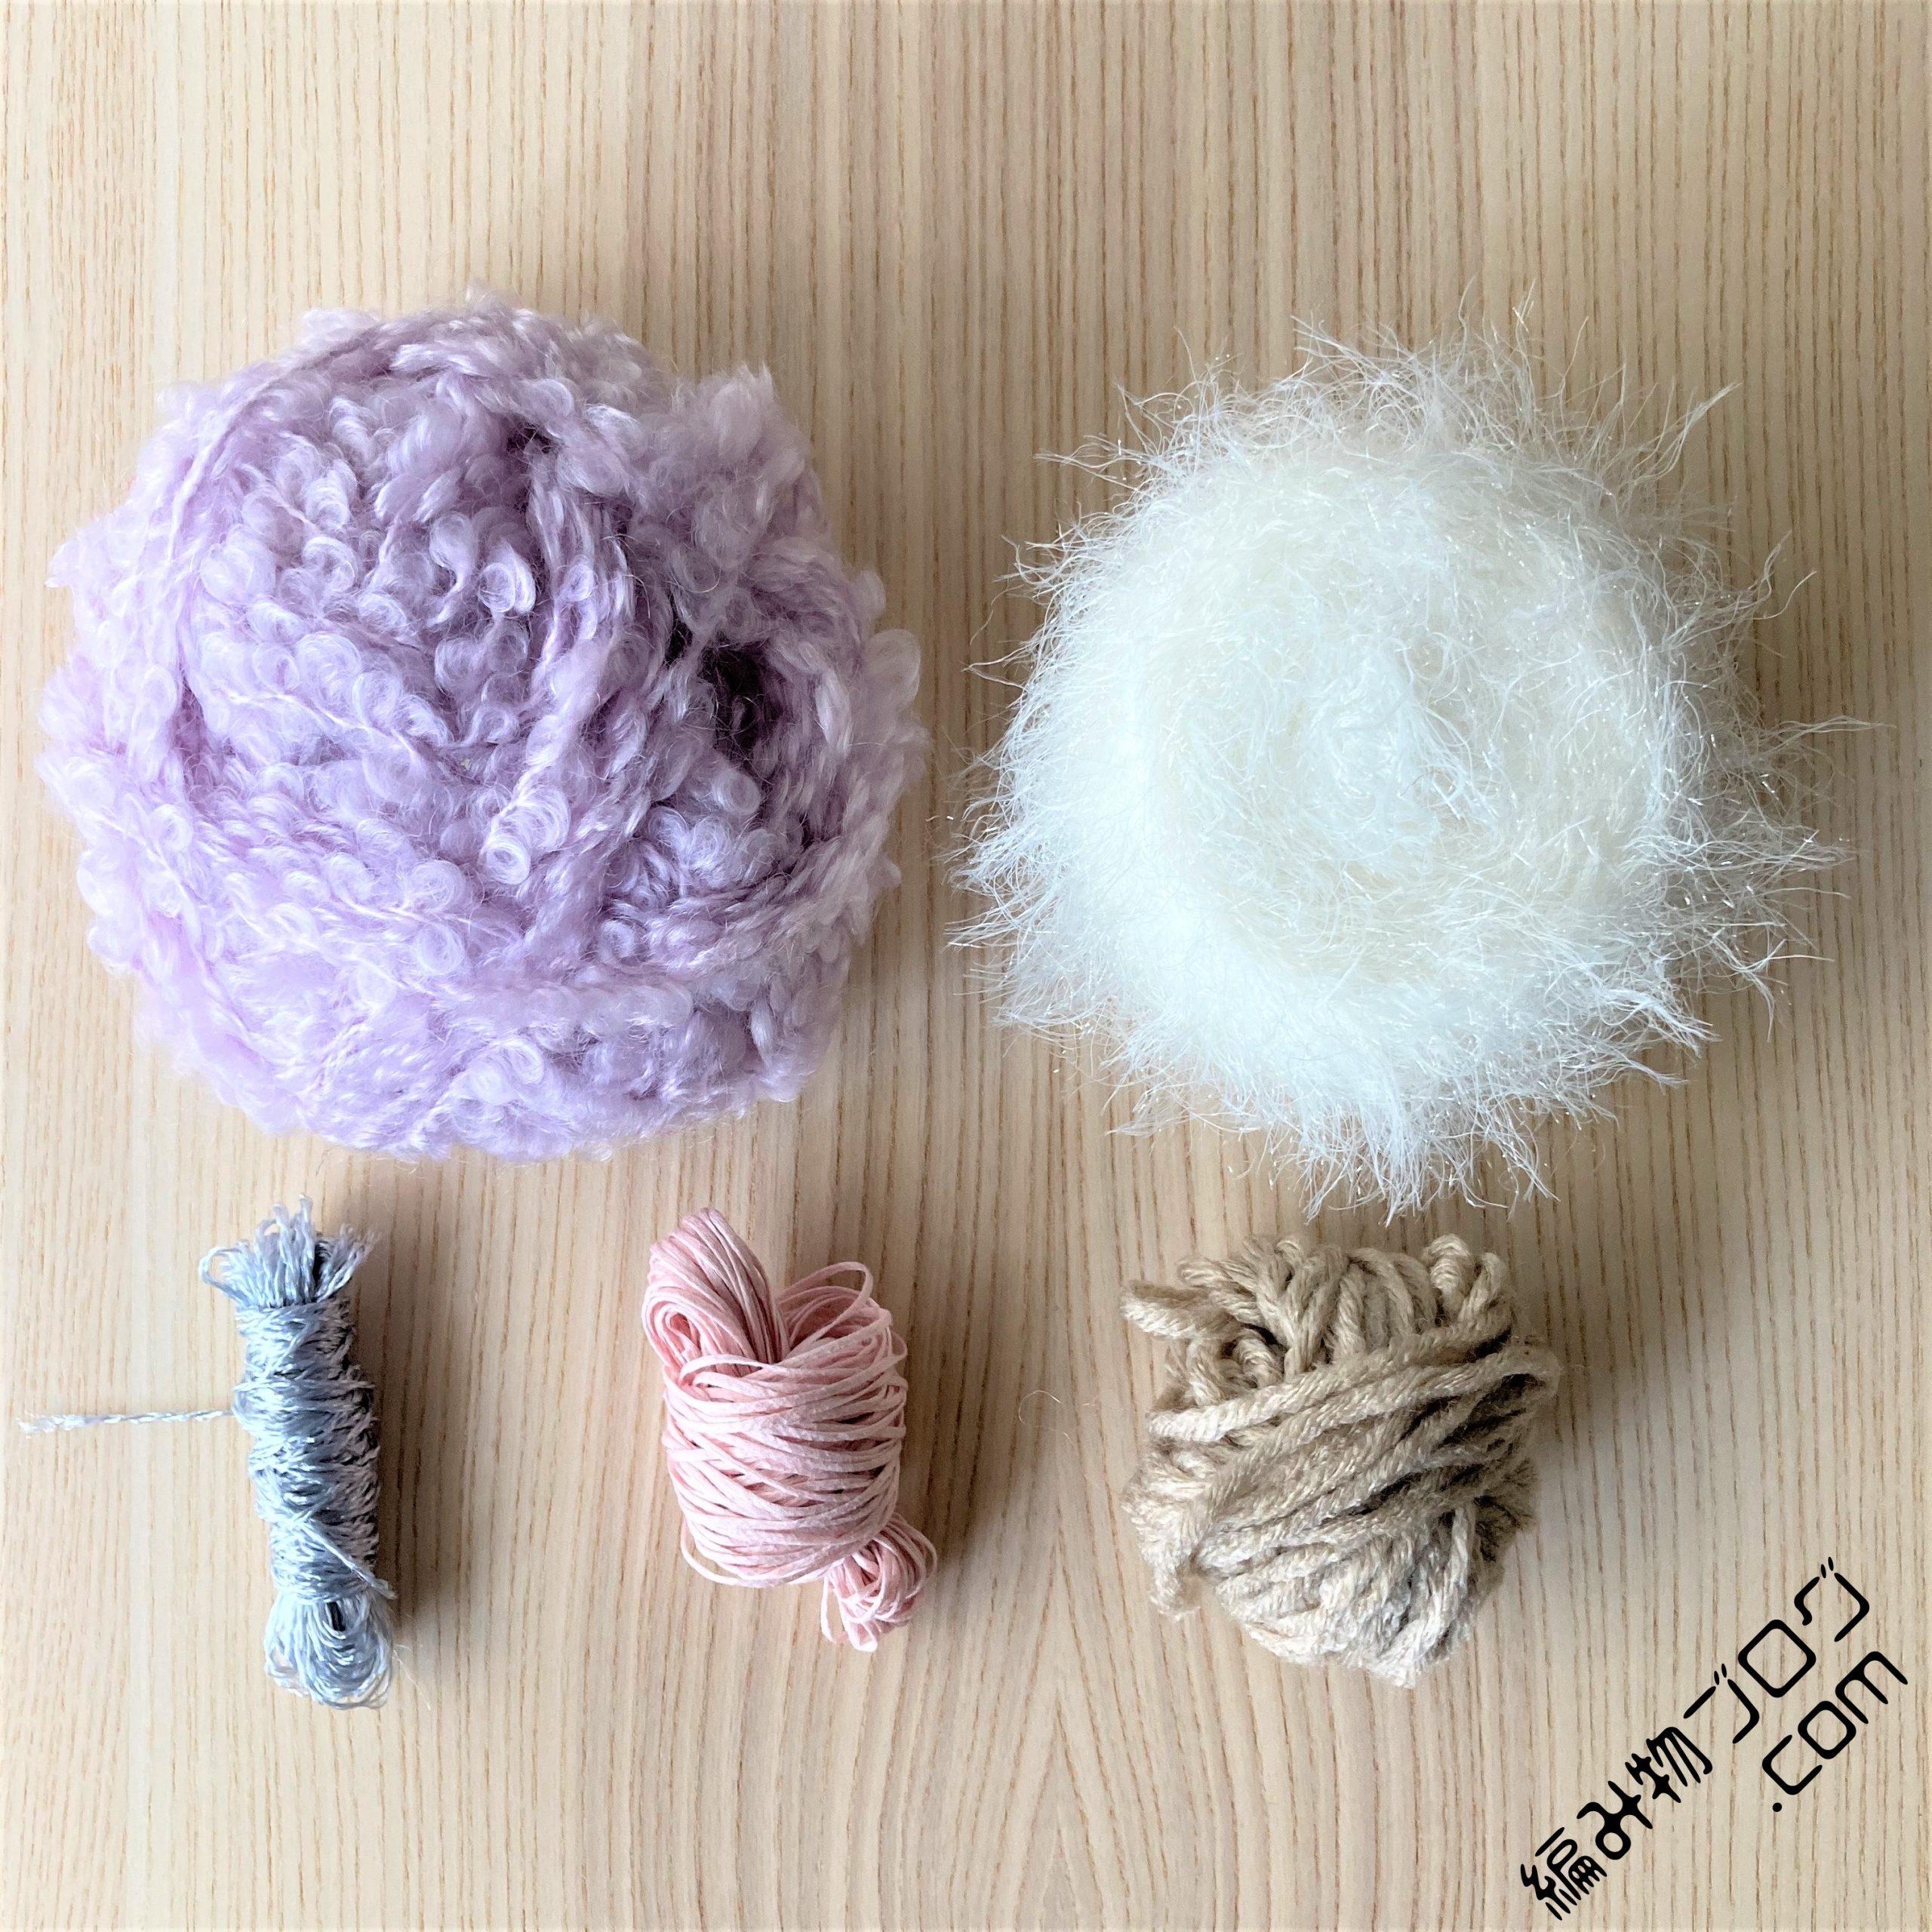 オリジナルヤーン作りませんか?20分で糸在庫からkawaii糸を生み出す方法